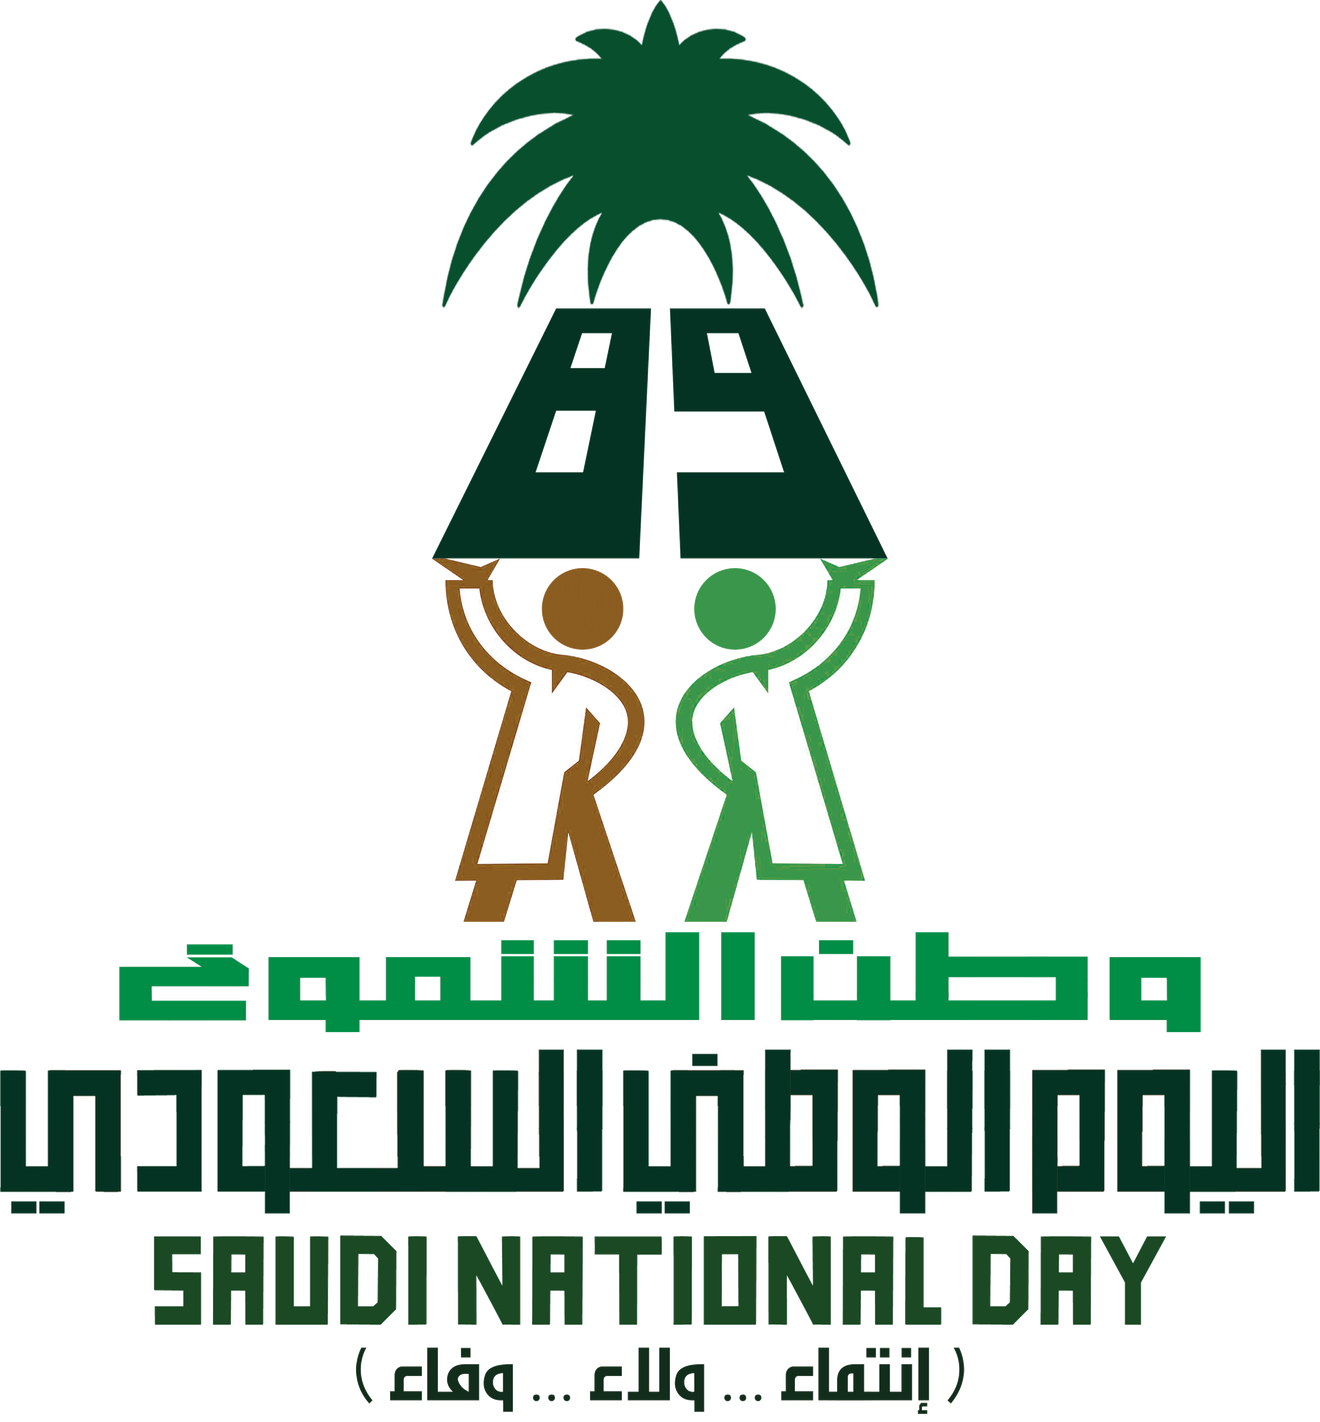 تصاميم لليوم الوطني 89 بجودة عالية صور Hd لليوم الوطني السعودي 1441 مجلة رجيم Photo National Calm Artwork